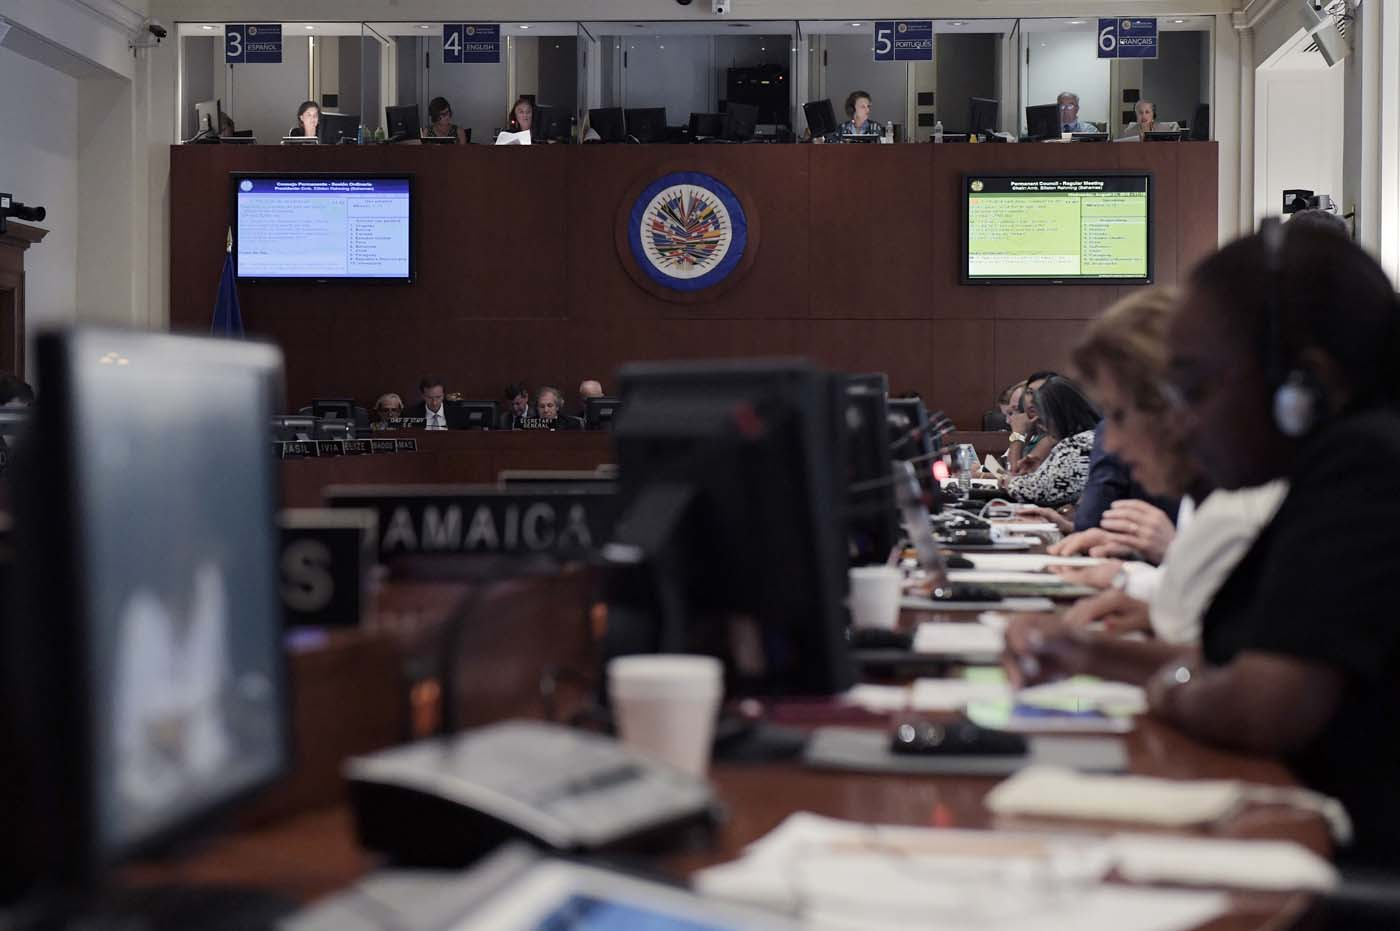 Vista de la reunión ordinaria de la Organización de Estados Americanos (OEA) en la sede de la organización en Washington (Foto EFE/LENIN NOLLY)